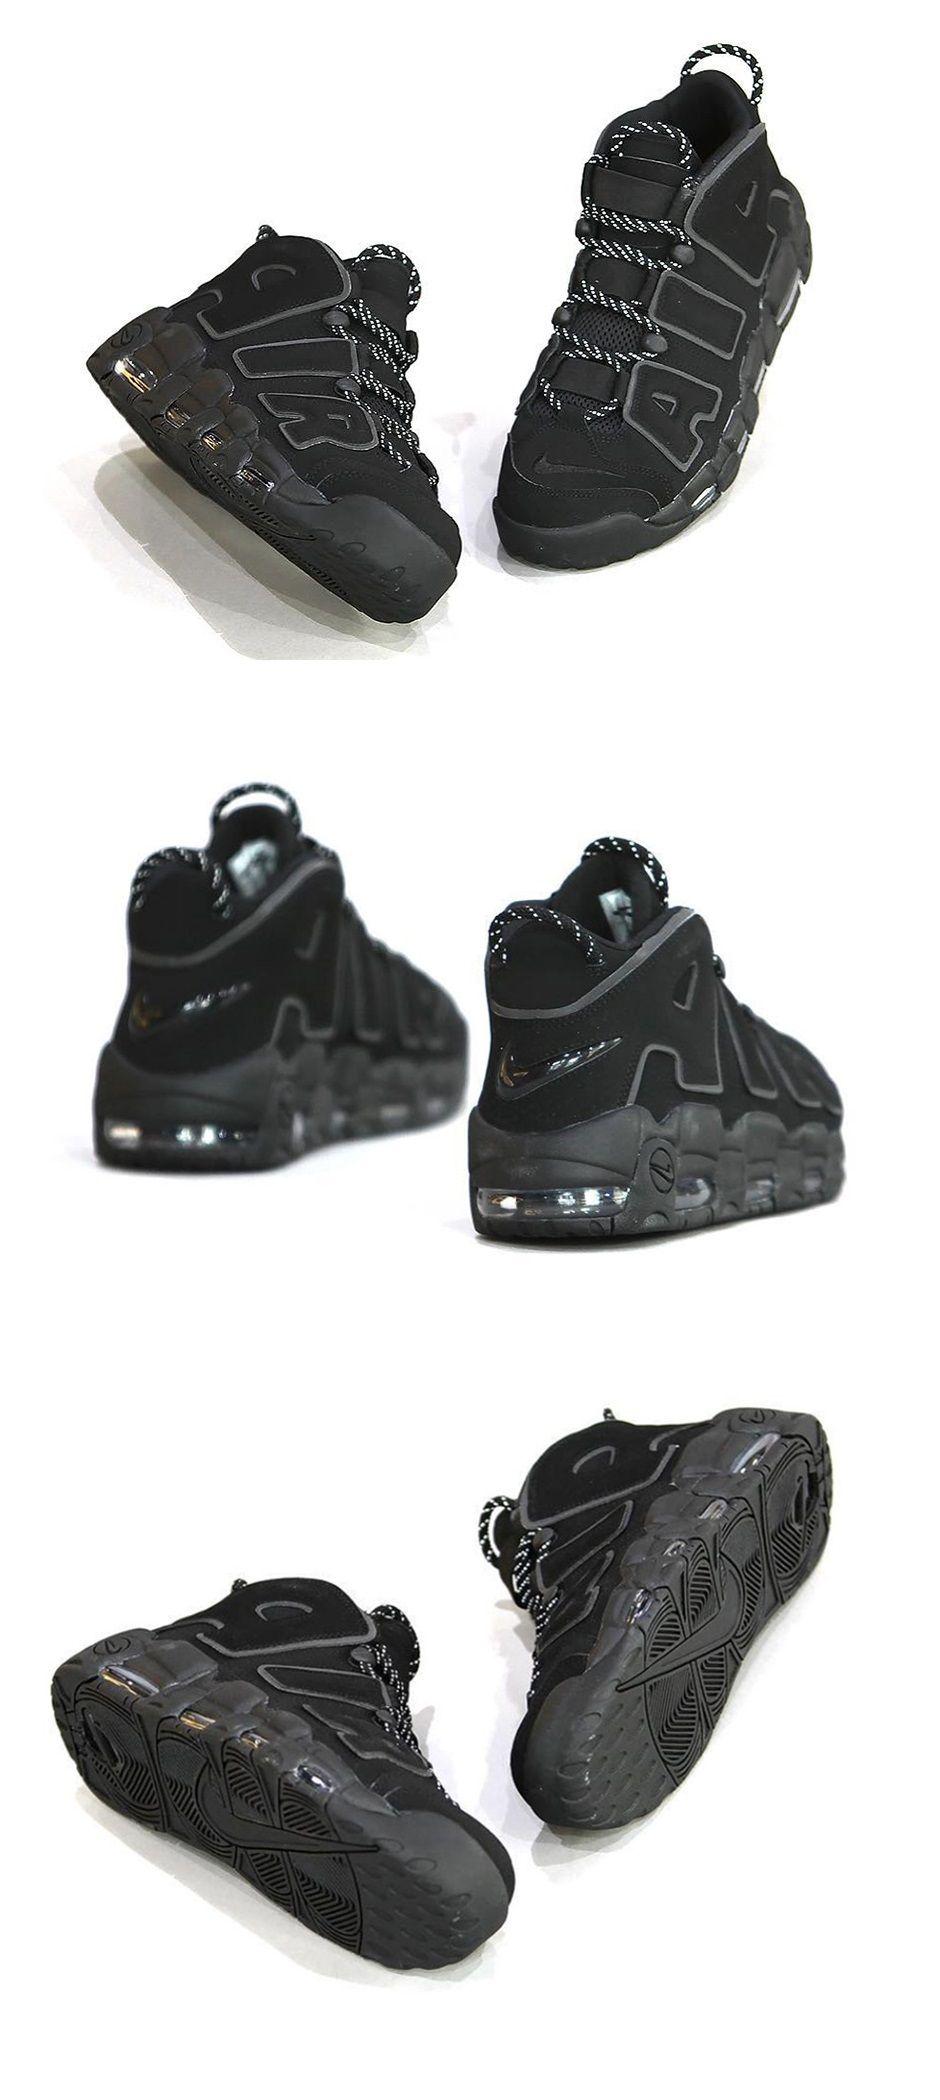 Nike Air More Uptempo: Black